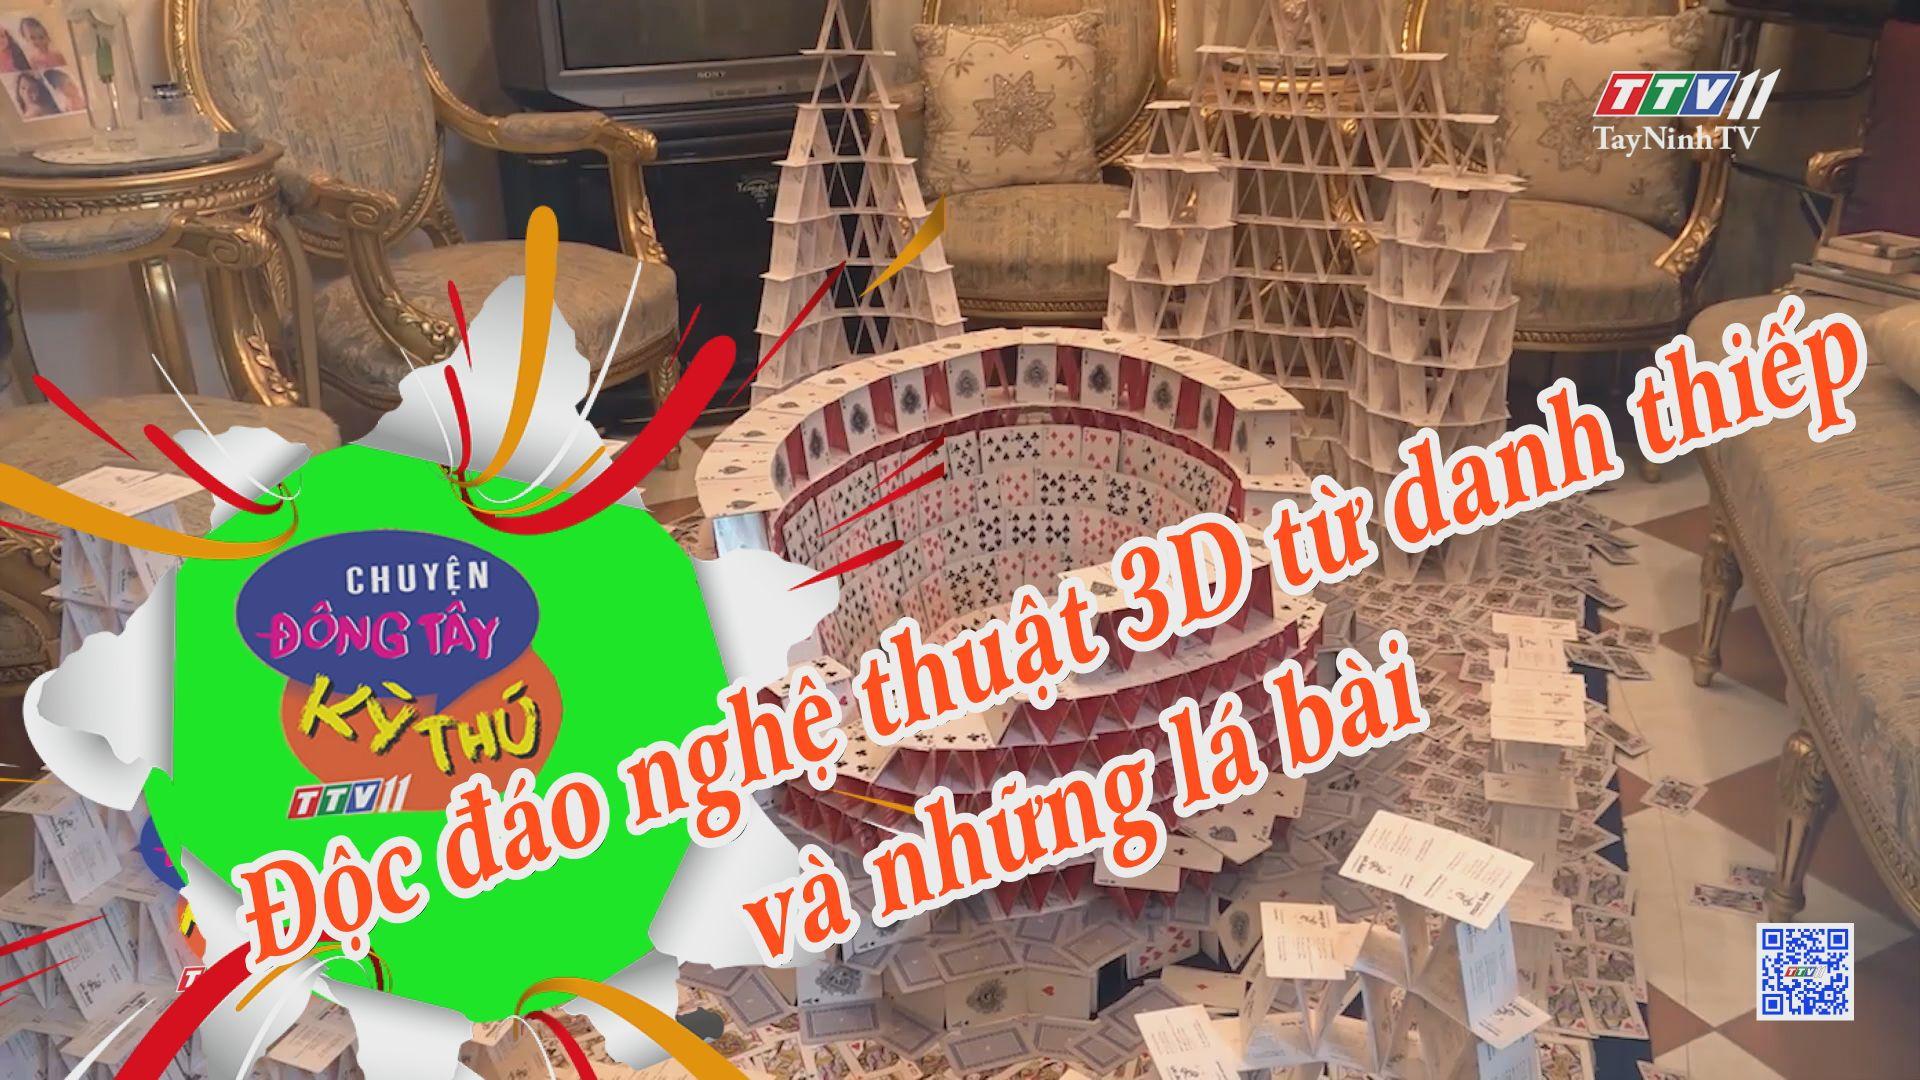 Độc đáo nghệ thuật 3D từ danh thiếp và những lá bài | Chuyện Đông Tây kỳ thú | TâyNinhTVE